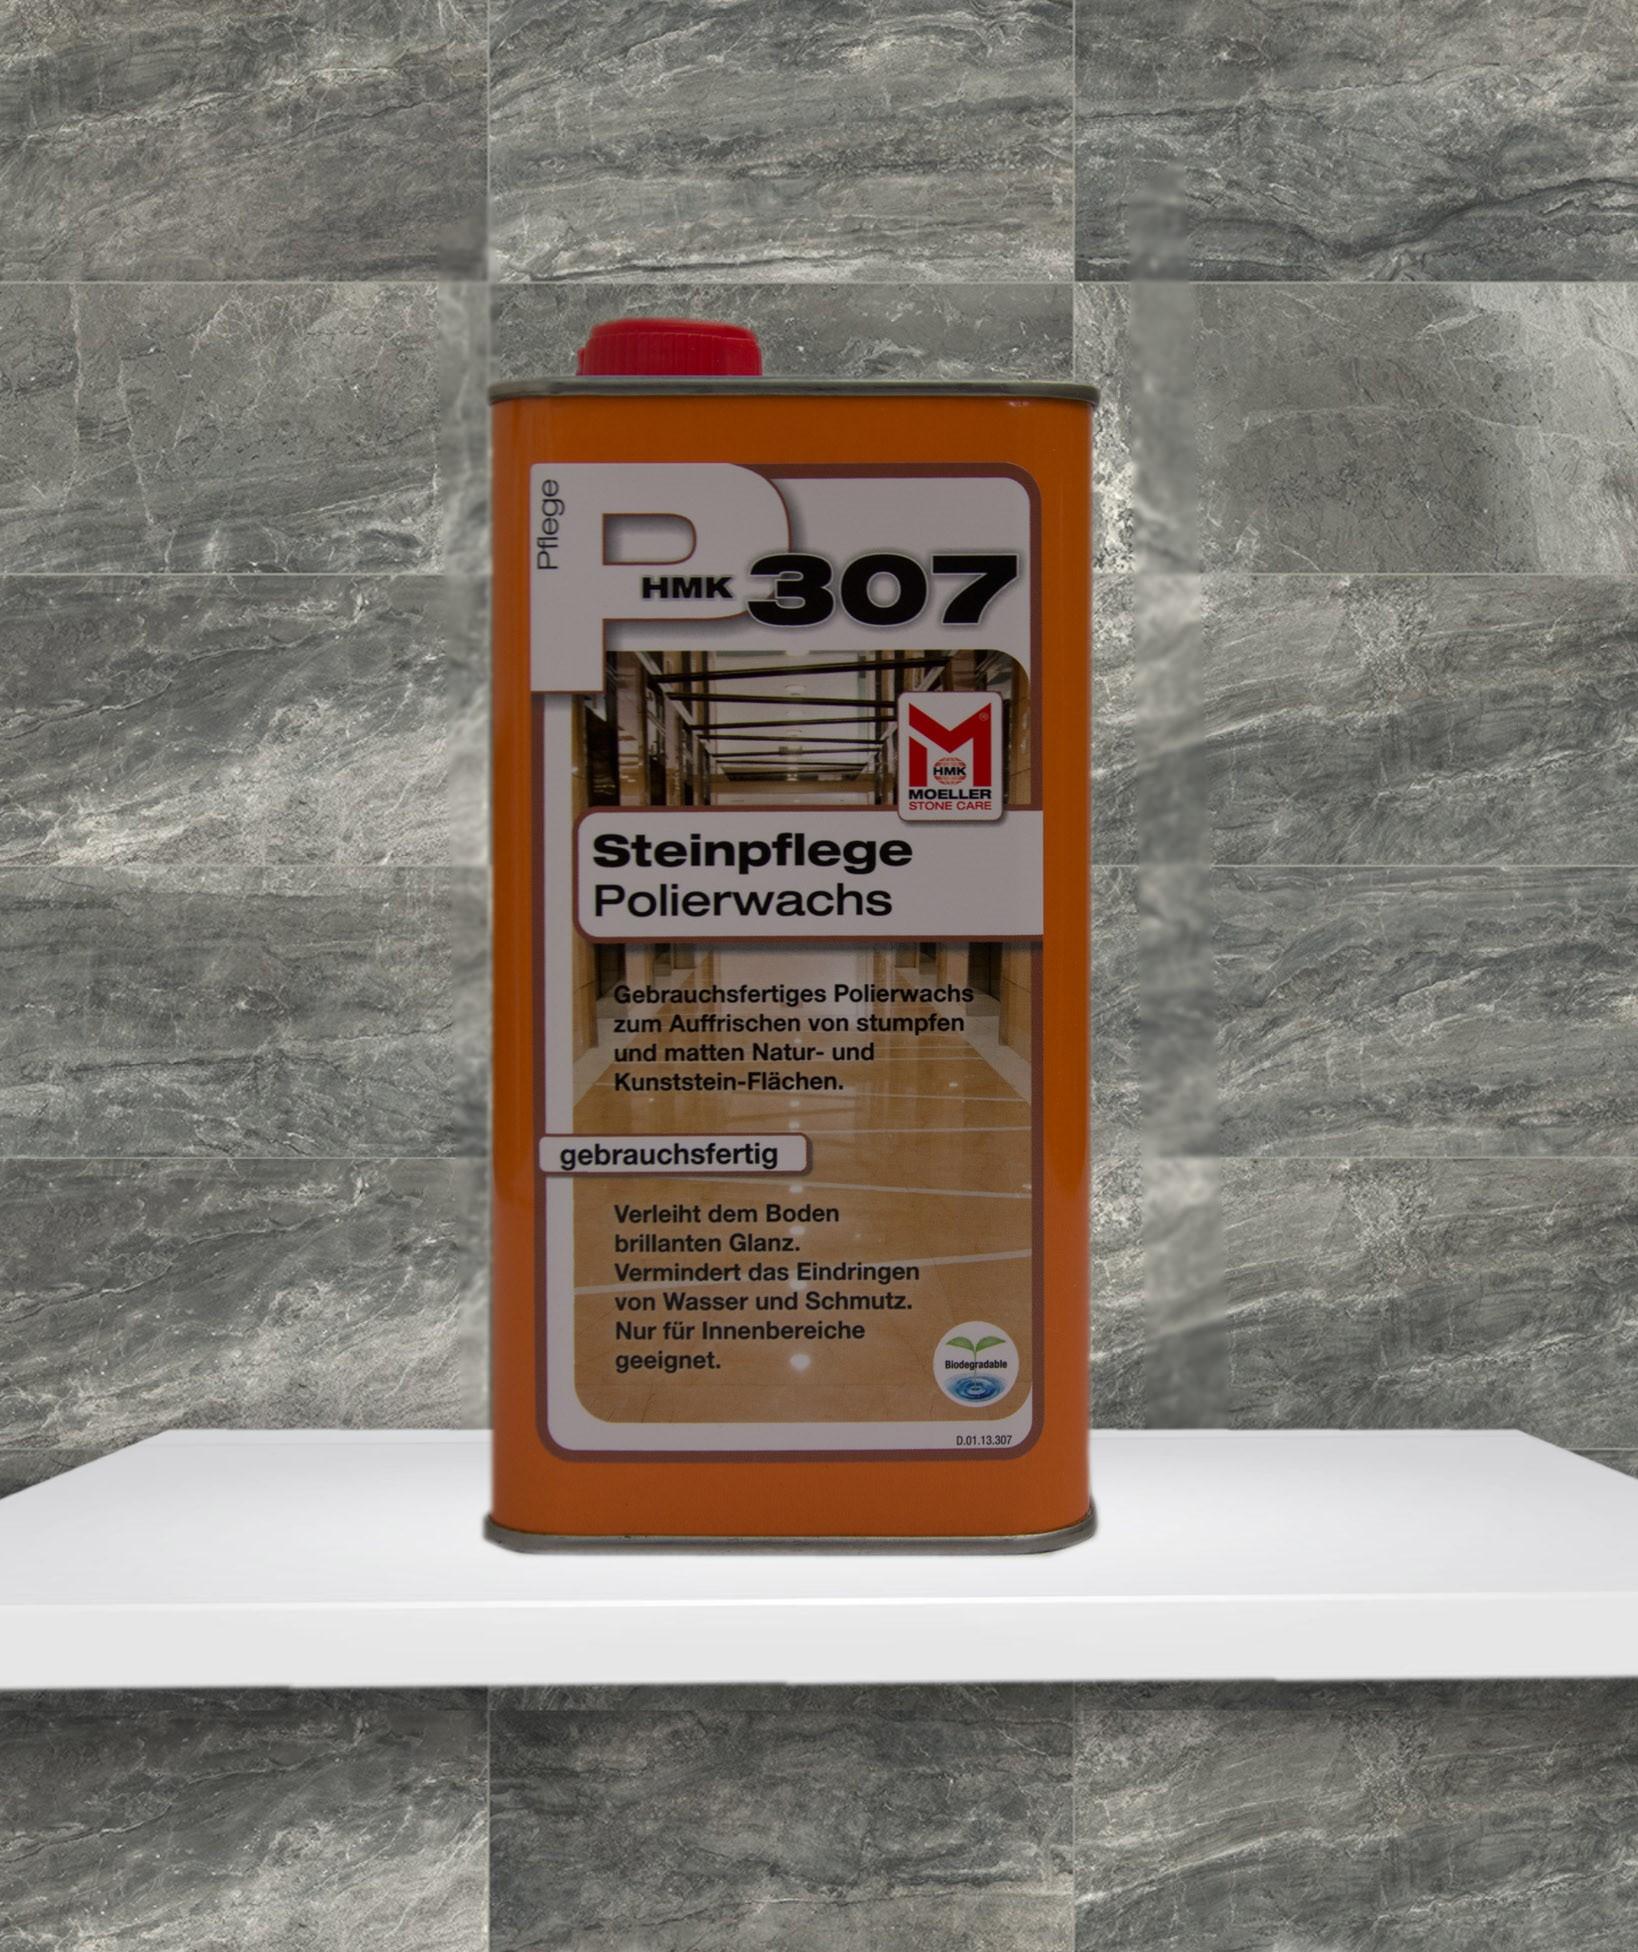 HMK P307 Steinpflege - Polierwachs